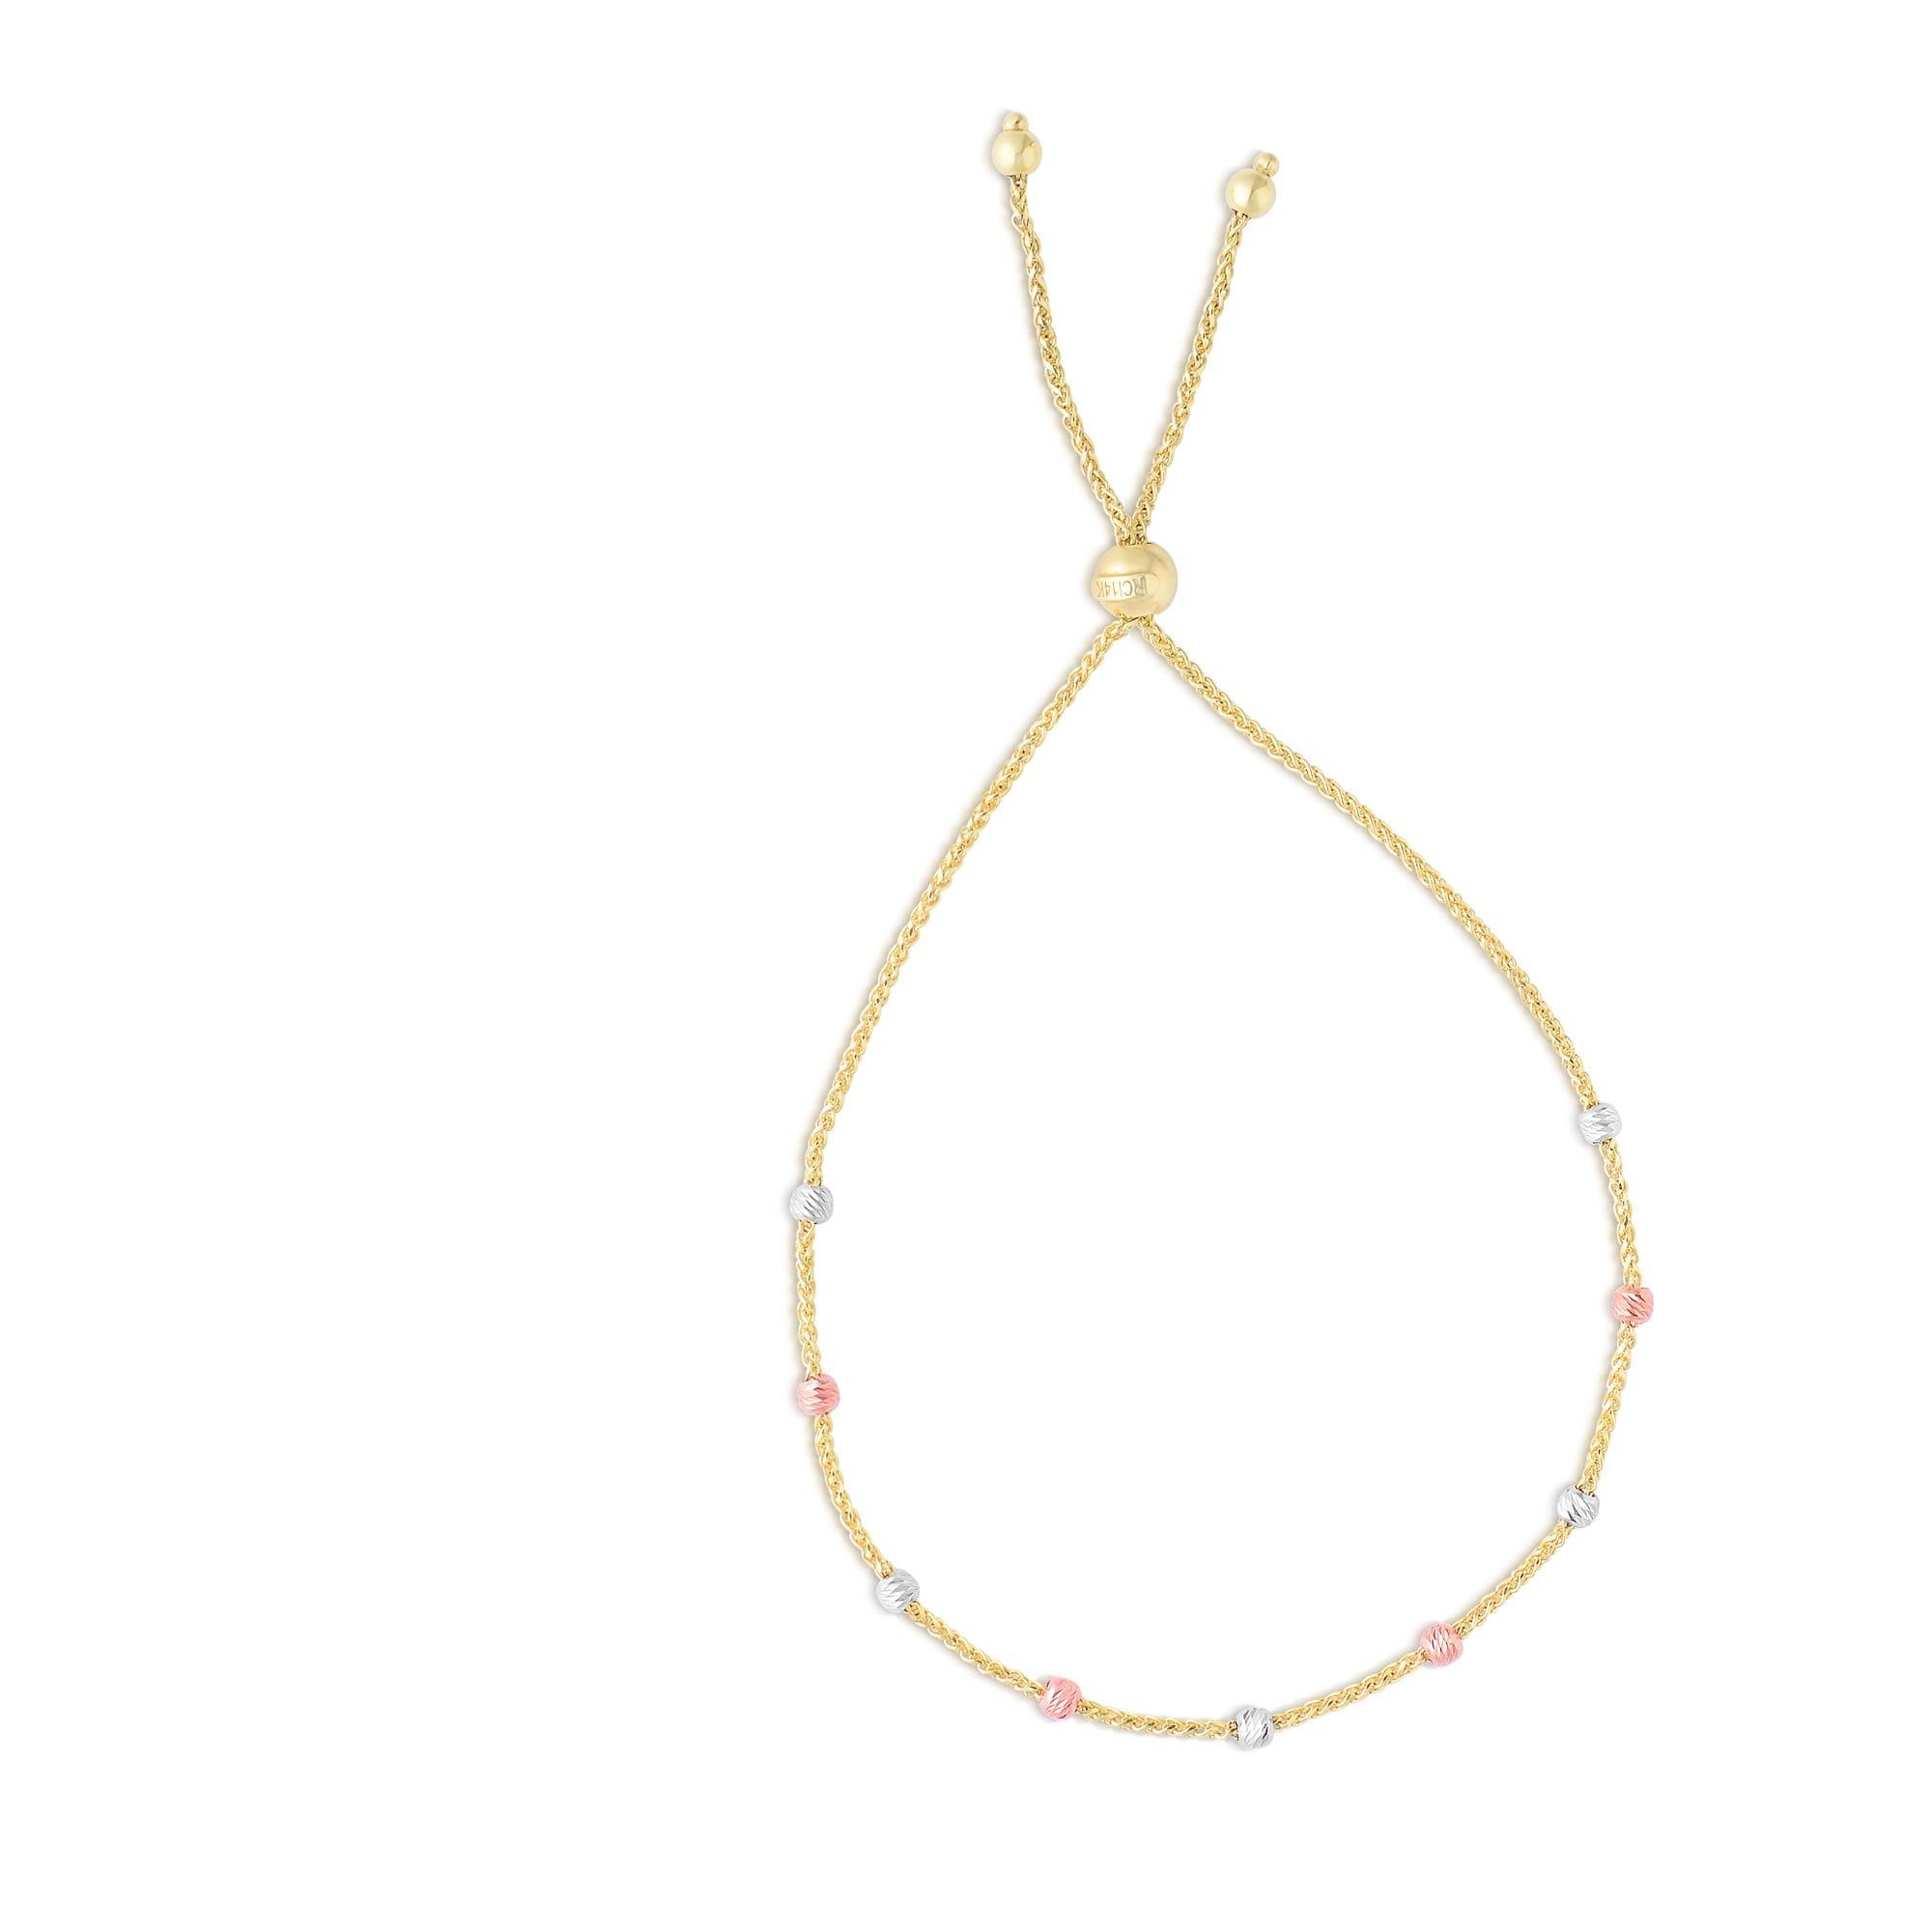 Tri-Color Bead Friendship Bolo Bracelet in 14k Gold